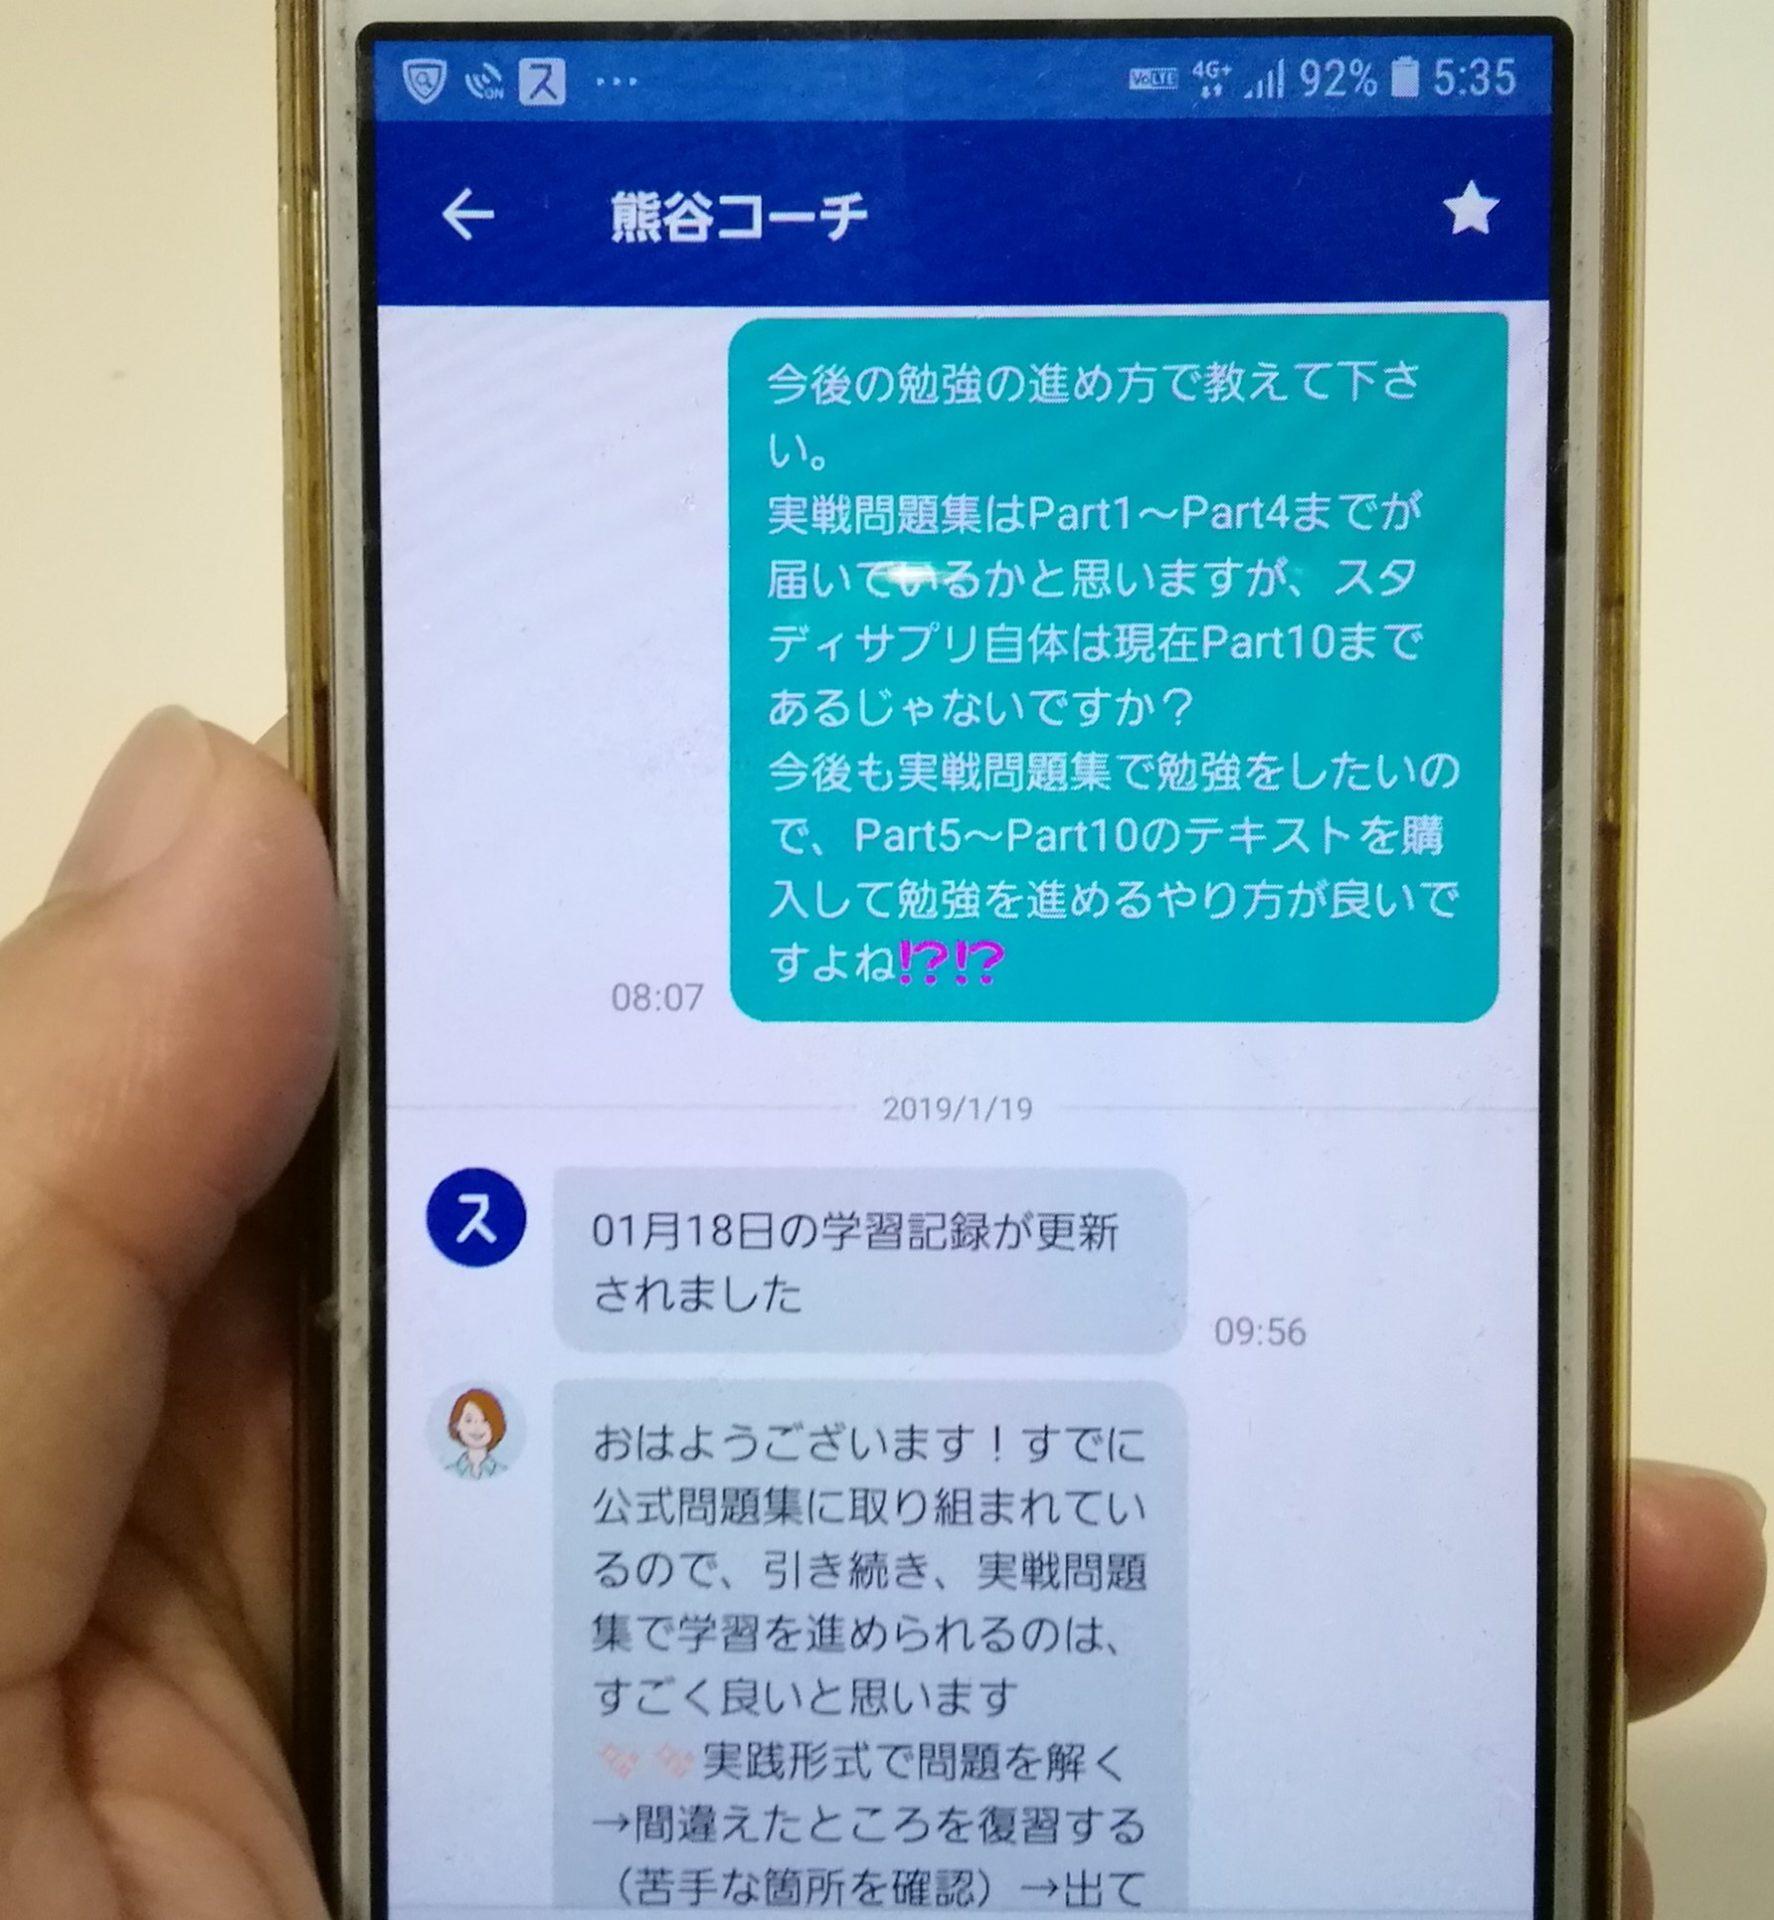 パーソナルコーチチャットアドバイス③